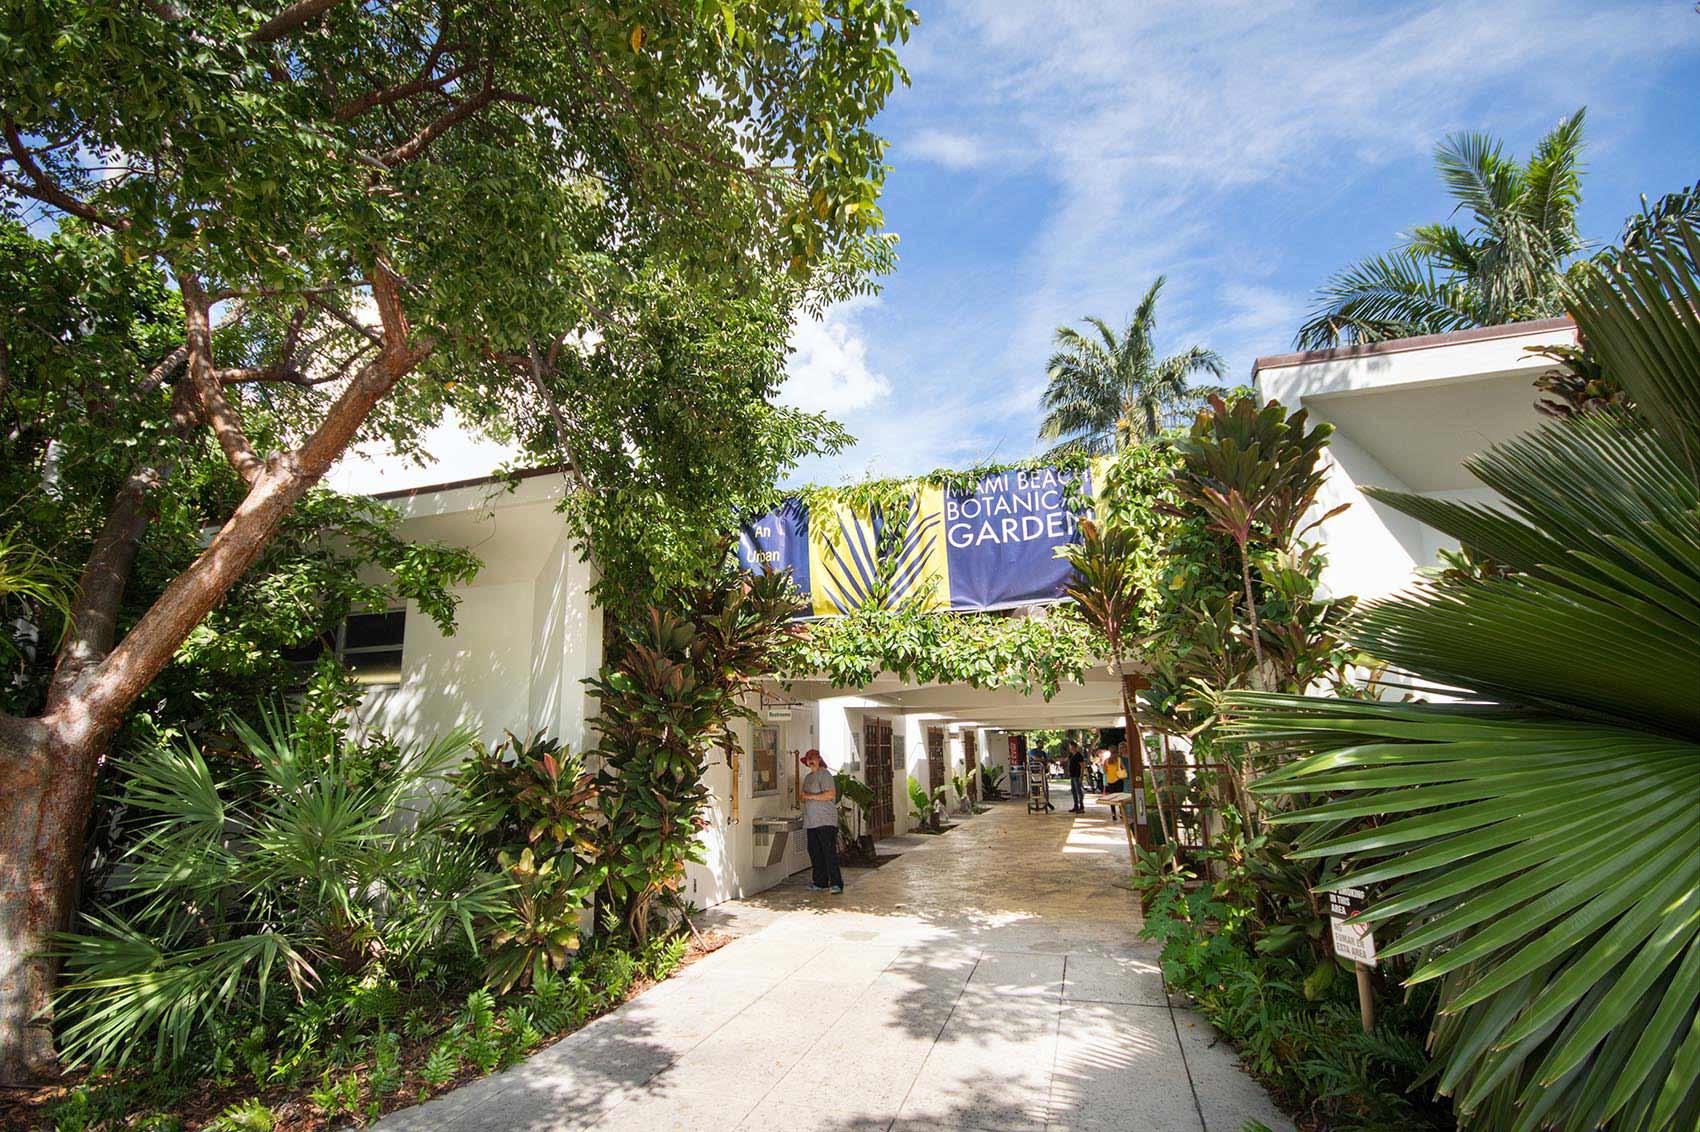 Miami Beach Botanical Garden Enjoy Miami Beach